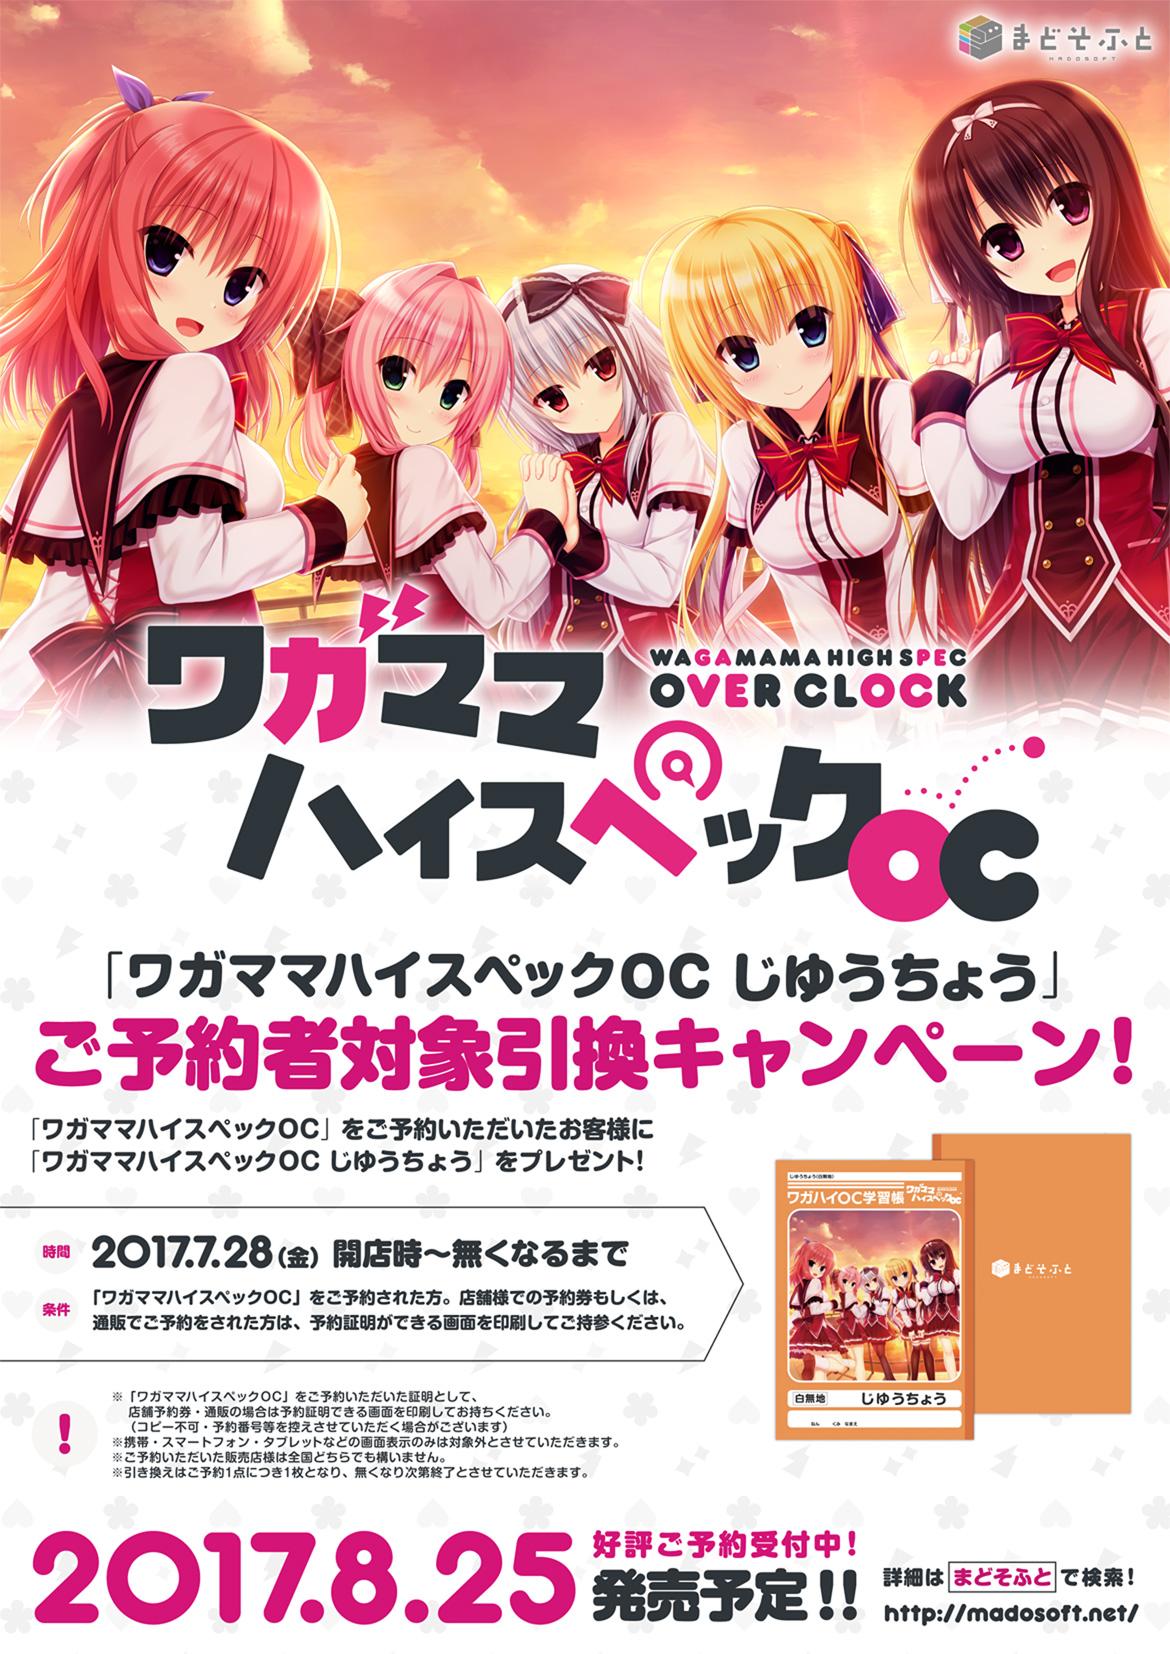 予約引換ワガハイOCじゆうちょうプレゼントキャンペーン_A3POP2.jpg